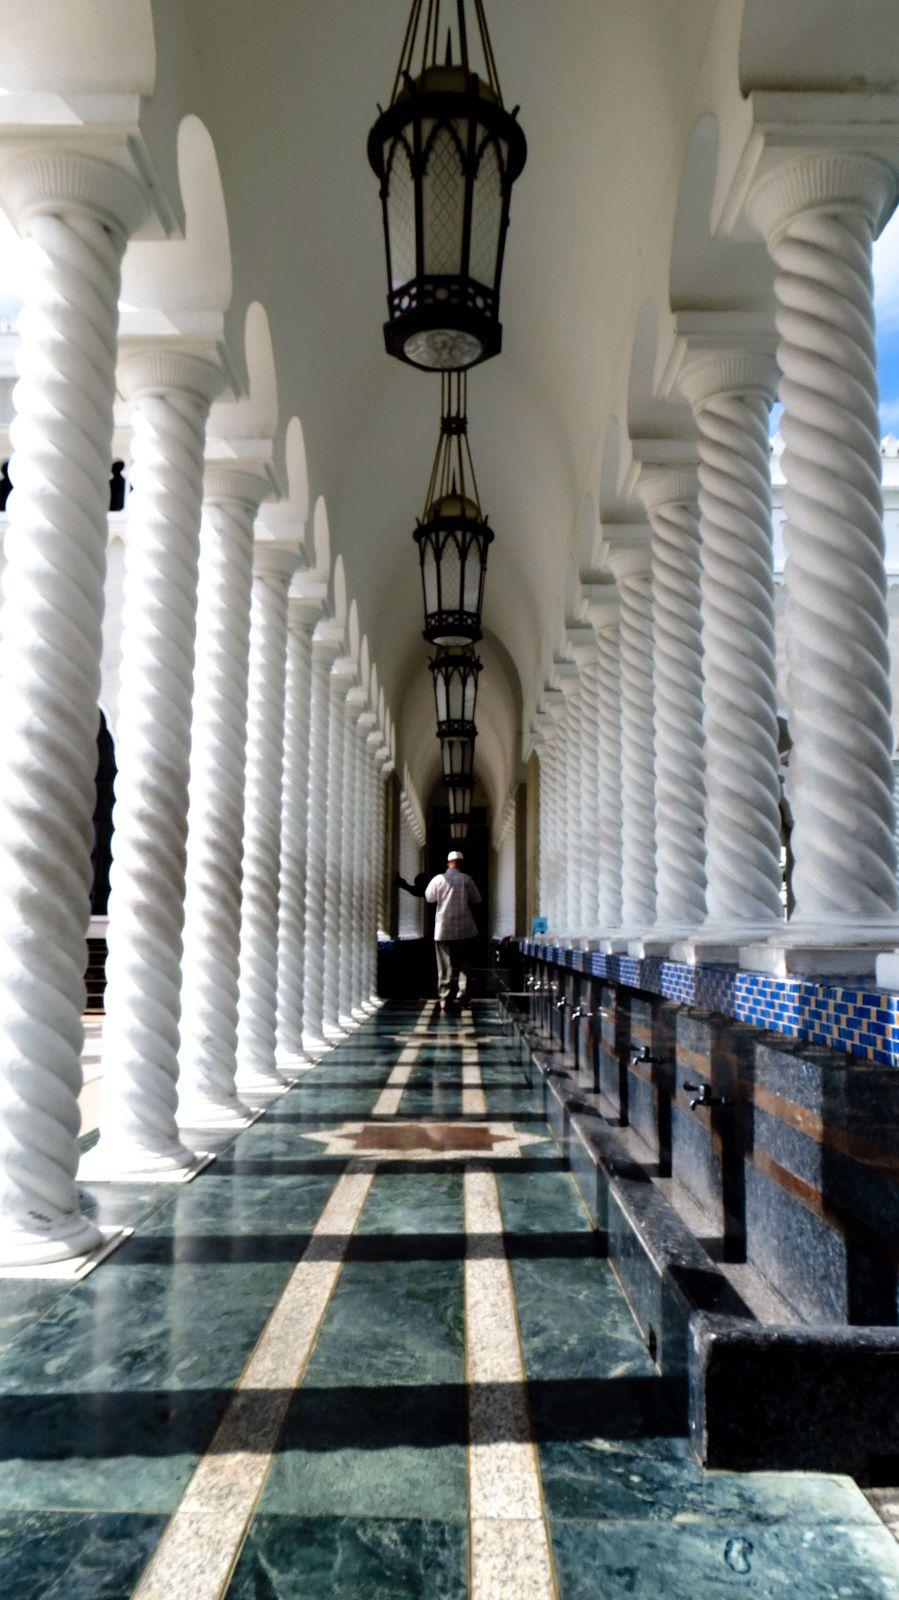 Brunei Mosque Corridor Worshipper Bandar Seri Begawan Islamic Architecture Brunei Travel